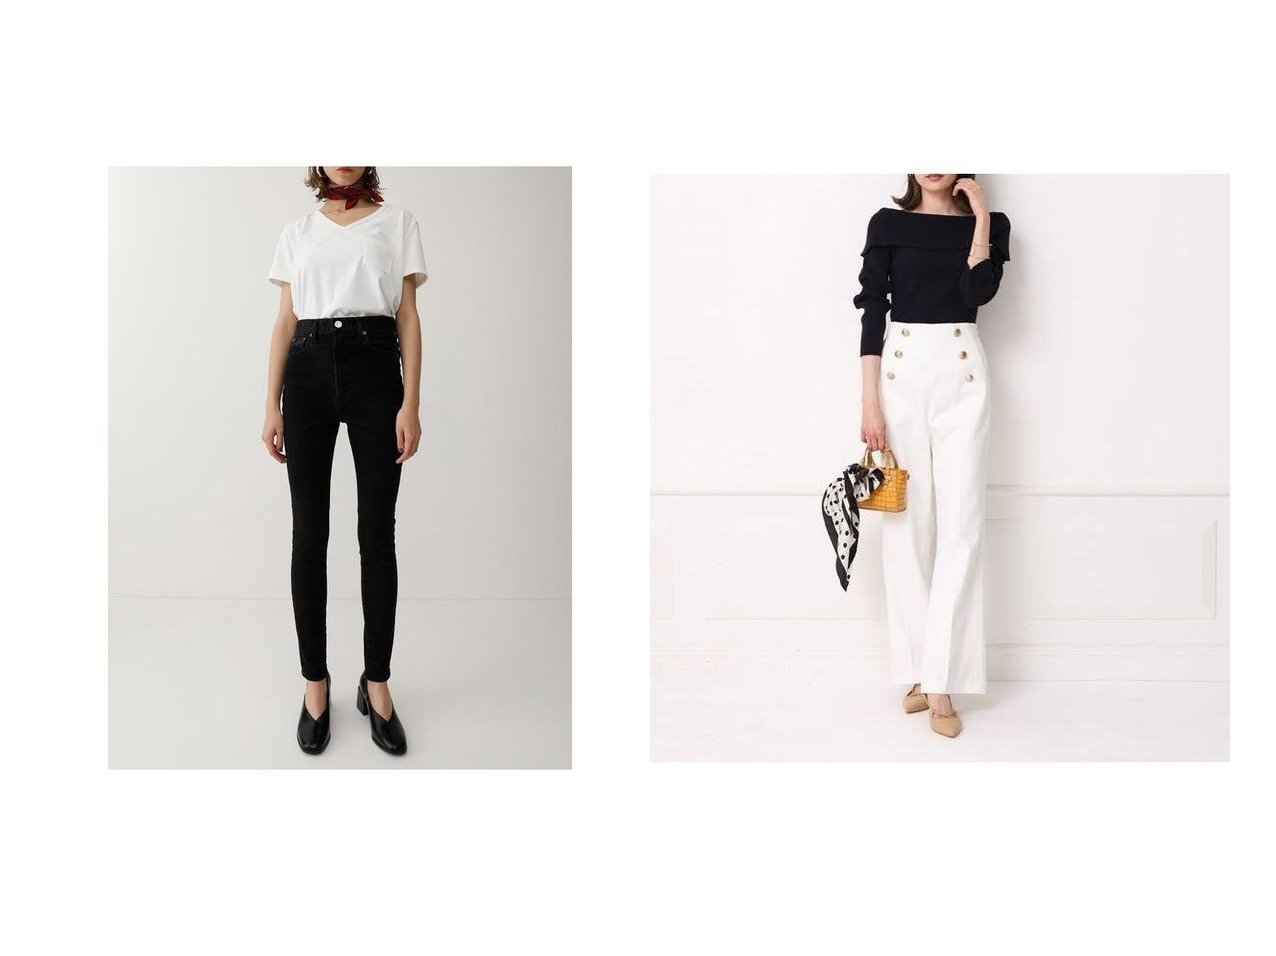 【moussy/マウジー】のBLACK SKINNY&【Apuweiser-riche/アプワイザーリッシェ】のマリンパンツ パンツのおすすめ!人気、トレンド・レディースファッションの通販 おすすめで人気の流行・トレンド、ファッションの通販商品 メンズファッション・キッズファッション・インテリア・家具・レディースファッション・服の通販 founy(ファニー) https://founy.com/ ファッション Fashion レディースファッション WOMEN パンツ Pants デニムパンツ Denim Pants エレガント フロント 再入荷 Restock/Back in Stock/Re Arrival |ID:crp329100000016067